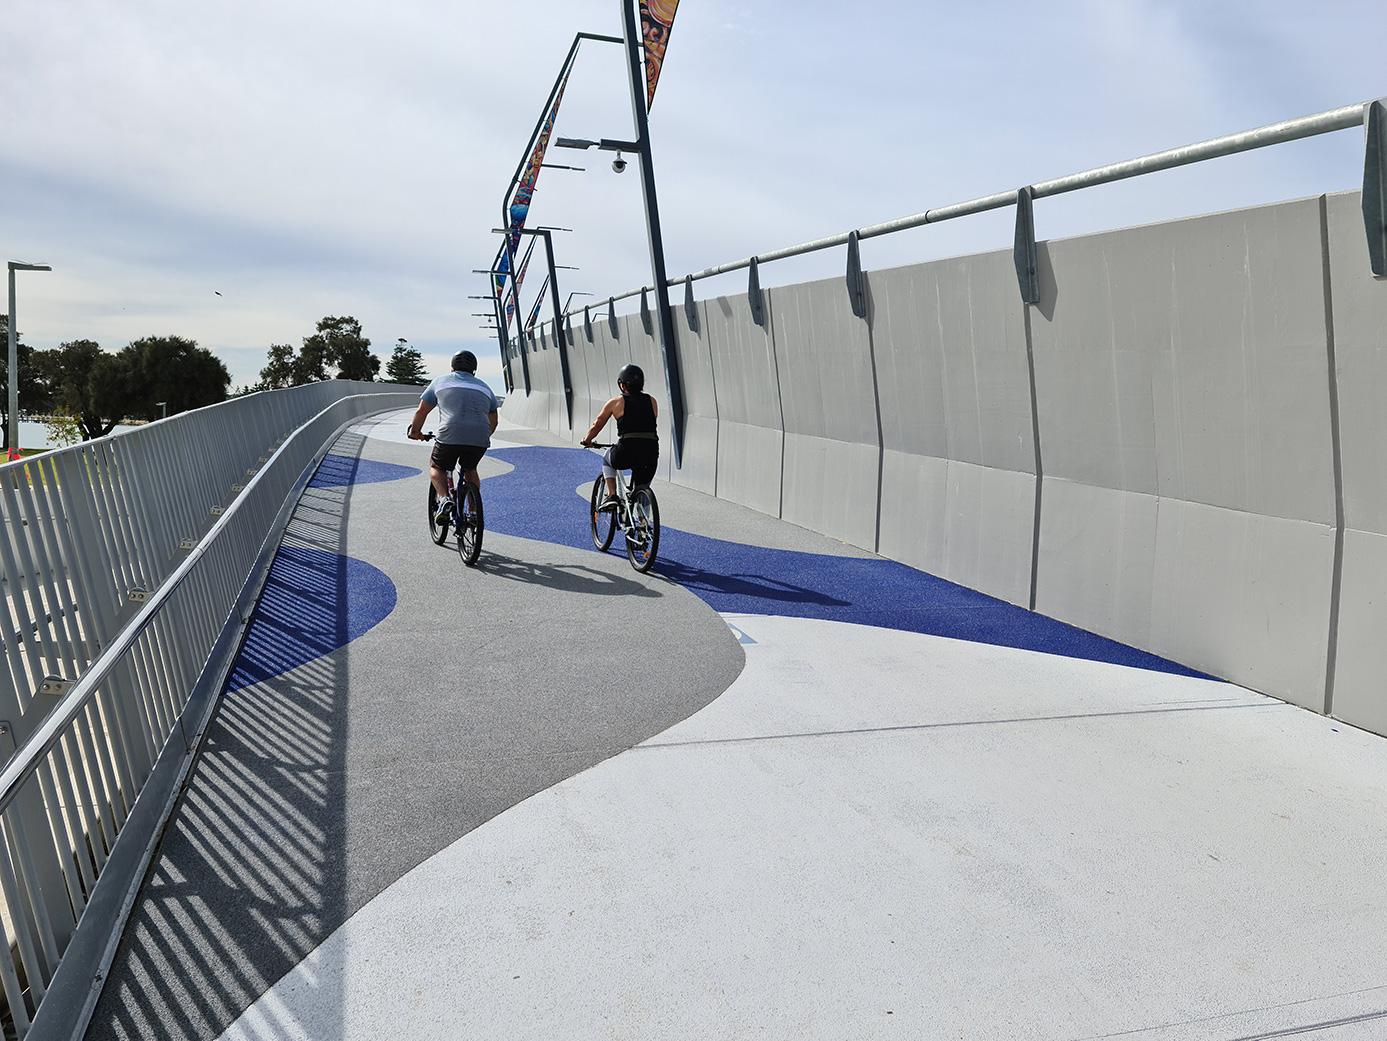 Mandurah Traffic Bridge – Pedestrian Path